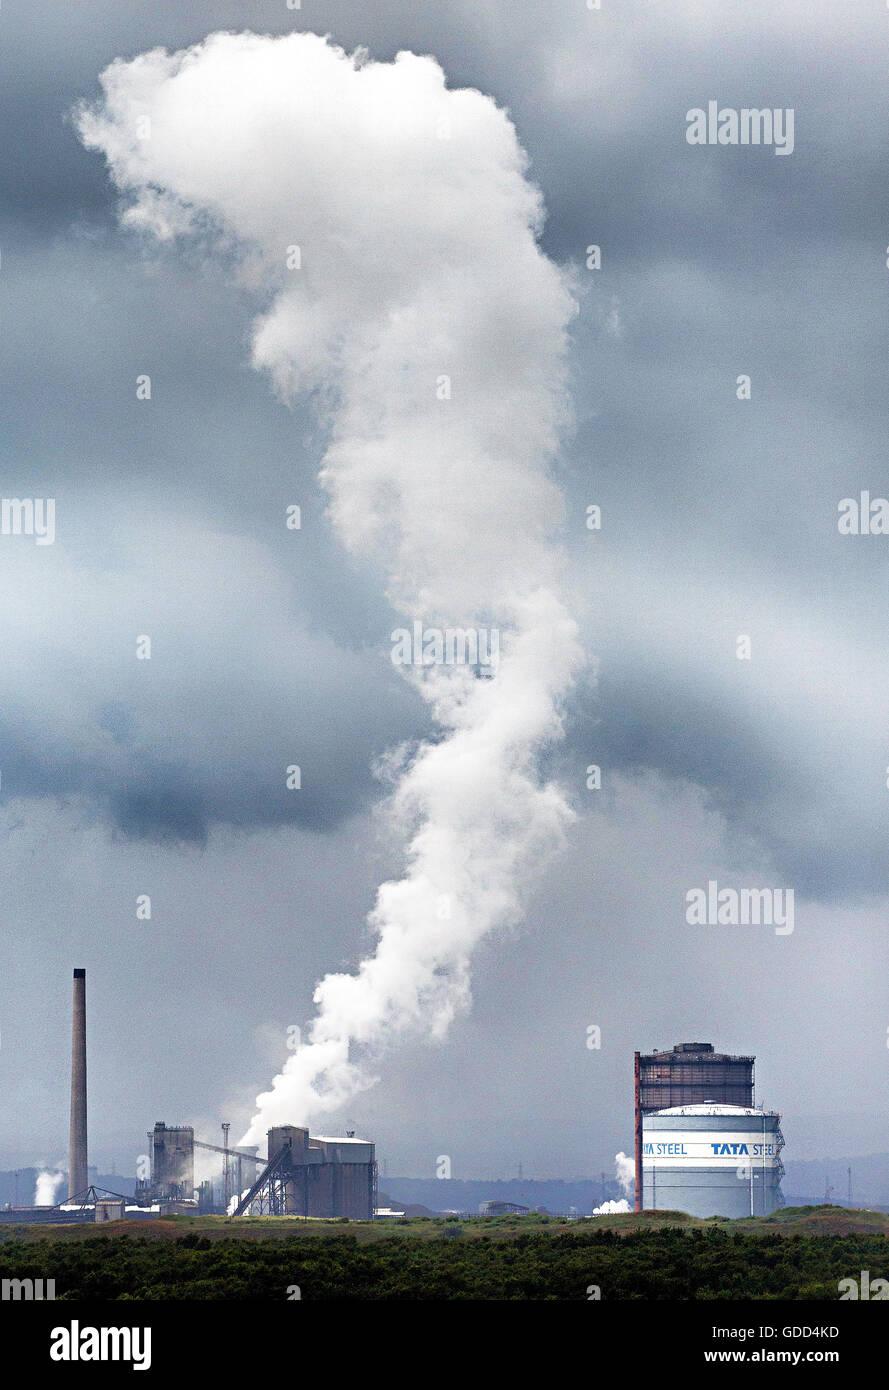 Port Talbot Stahlwerk emittierende Dampfwolken S Wales während Kühlprozesses - Standortes Tata Steel Co Indiens gehört Stockfoto